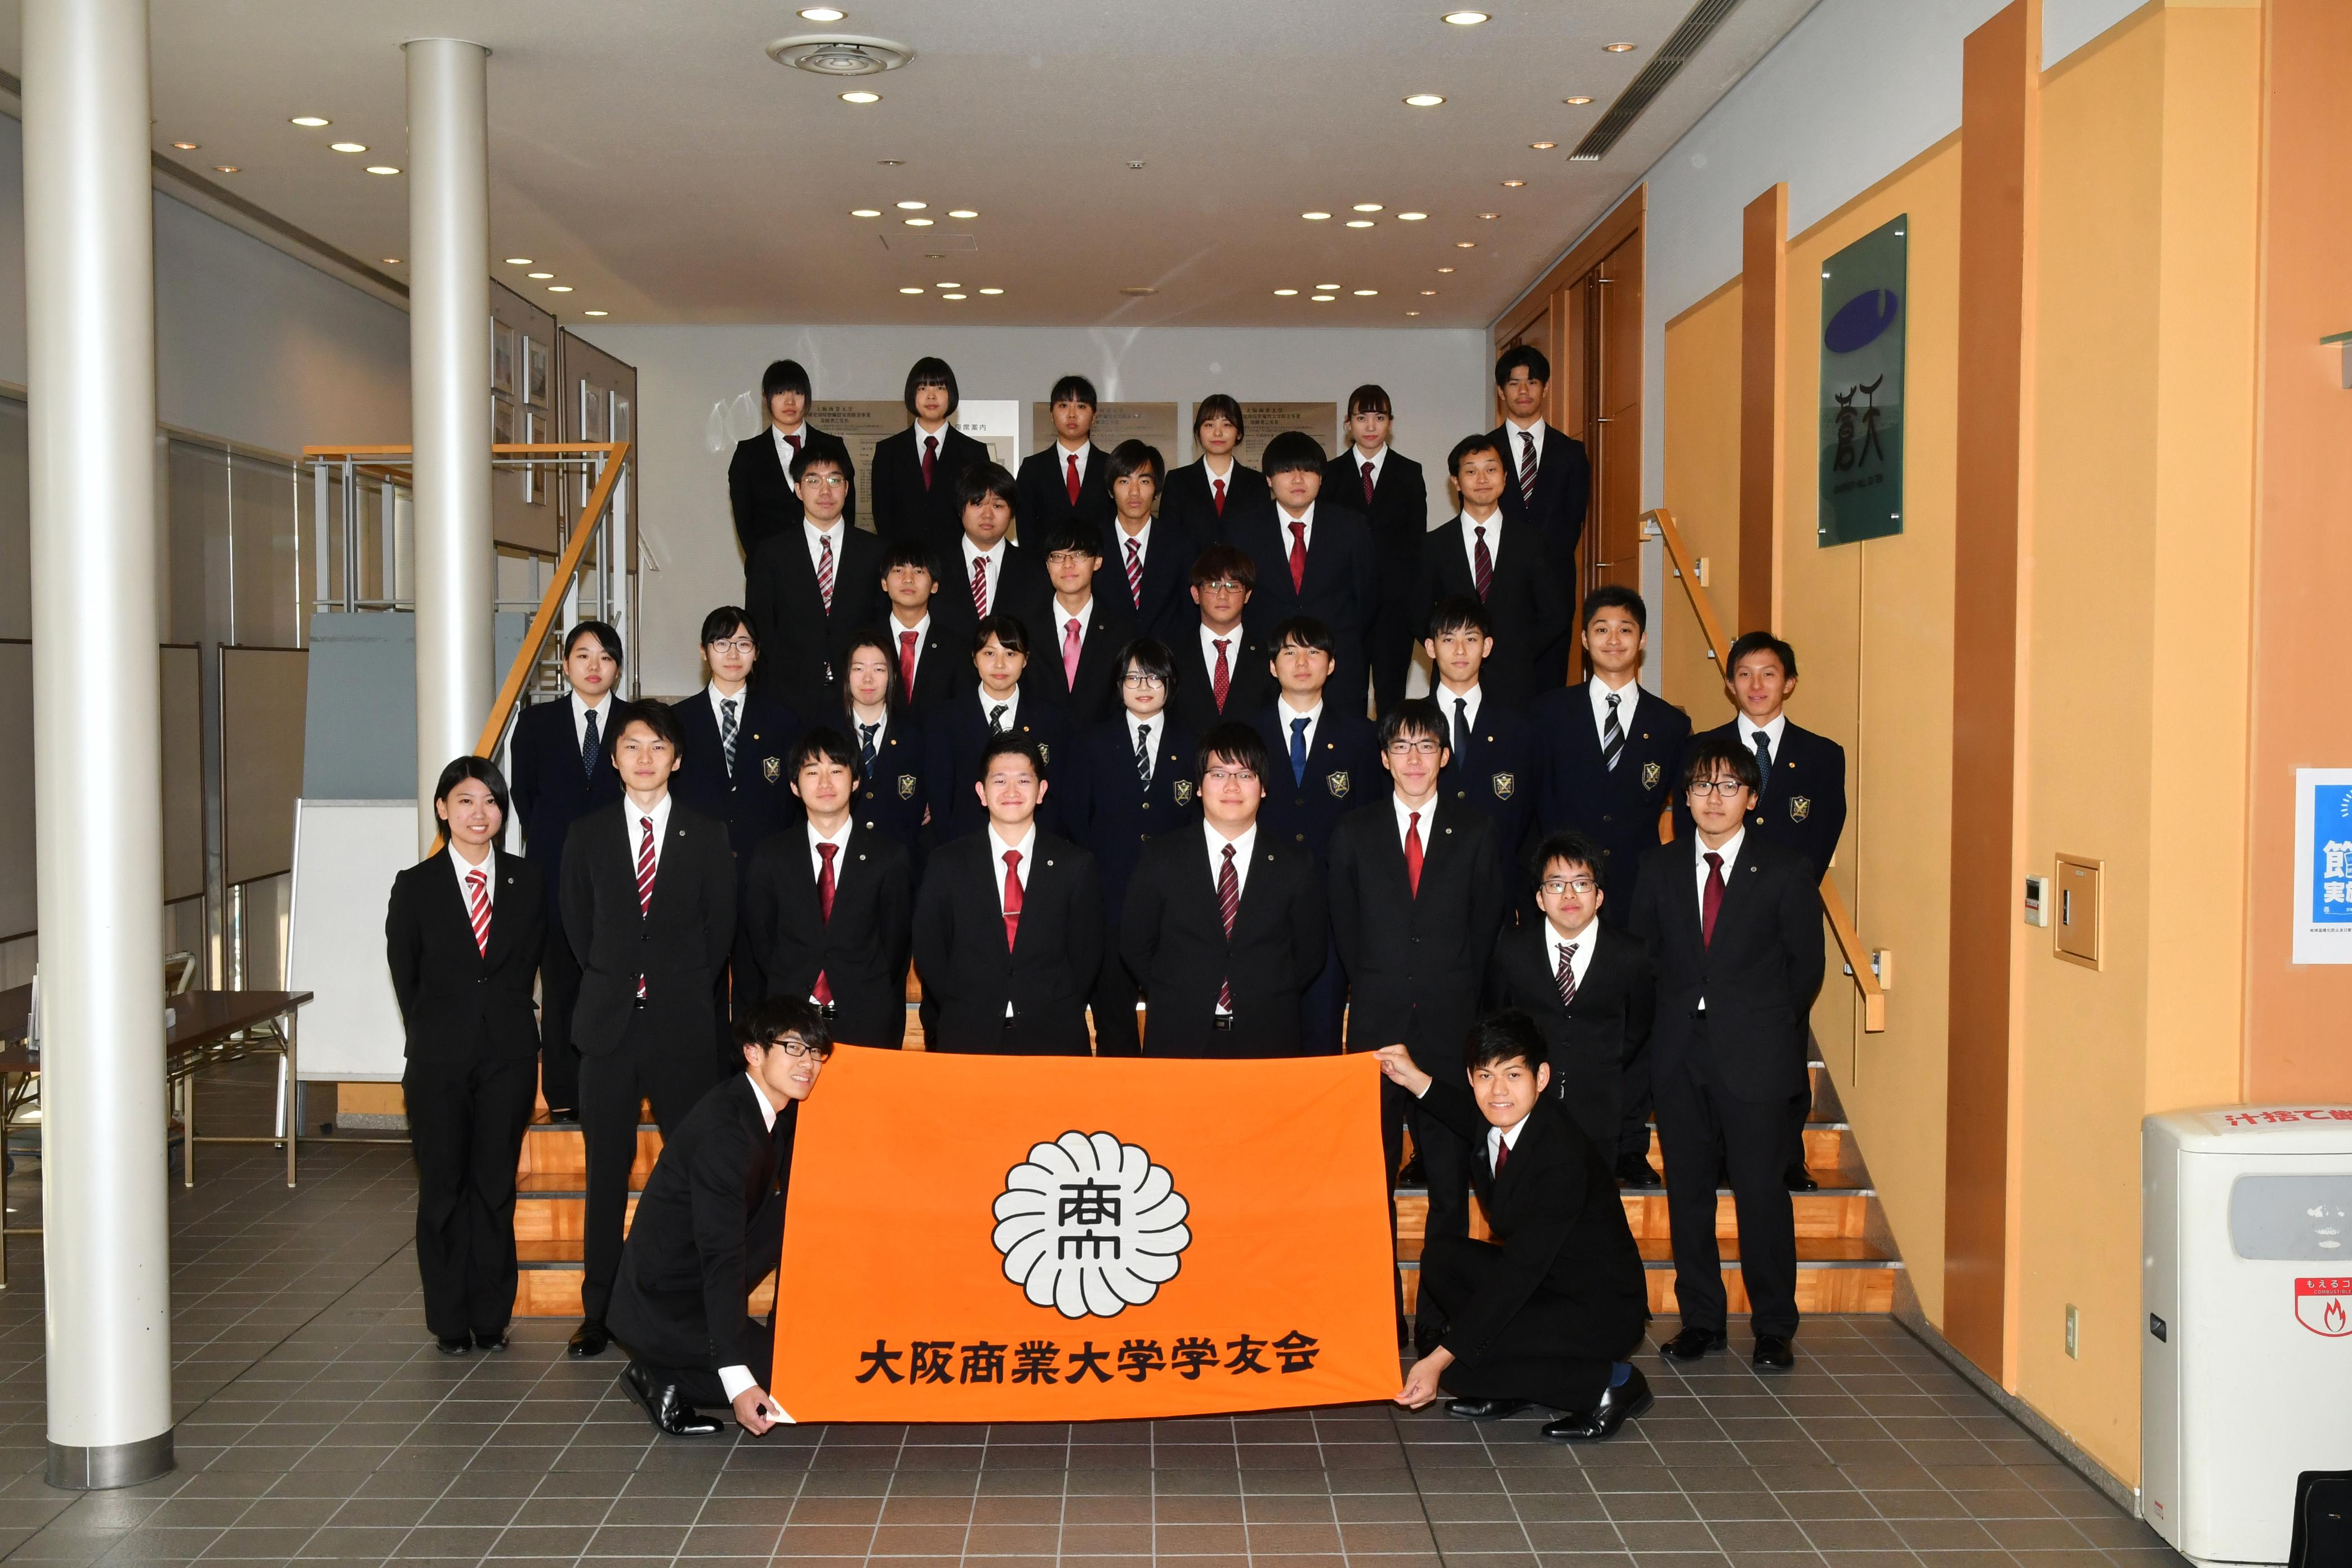 商業 大学 高等 学校 大阪